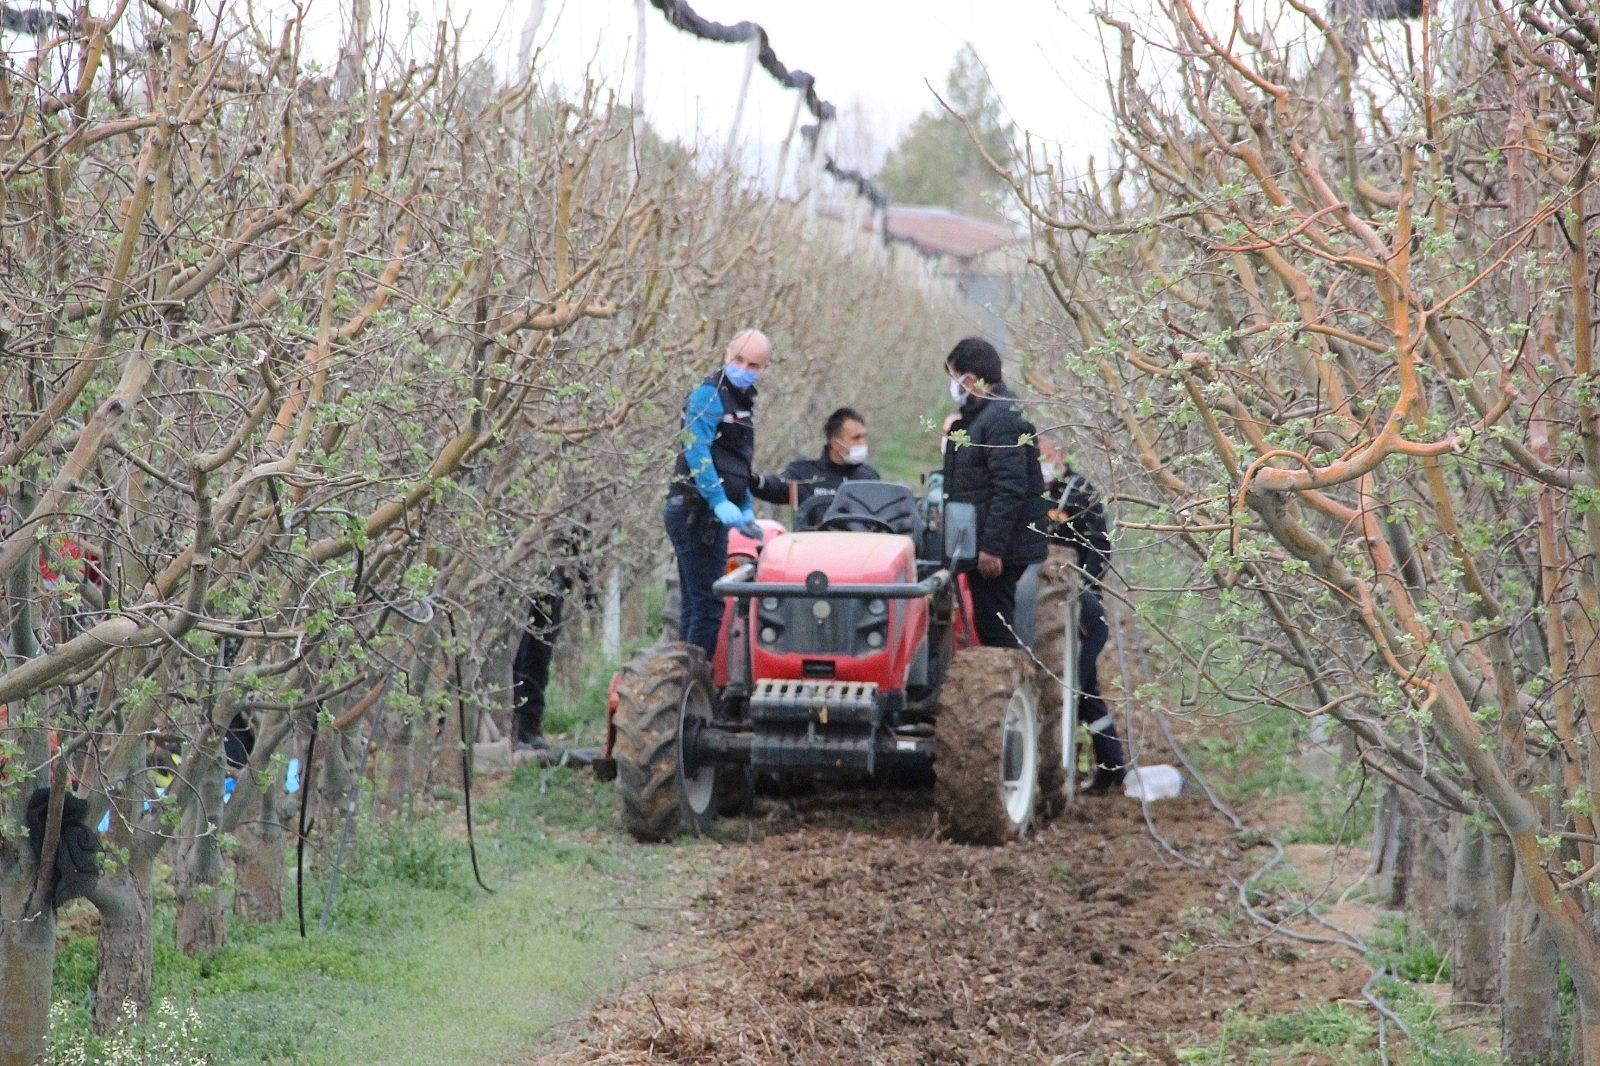 2021/04/traktorun-arkasindaki-capa-makinesine-sikisan-sahis-olay-yerinde-can-verdi-20210417AW29-6.jpg